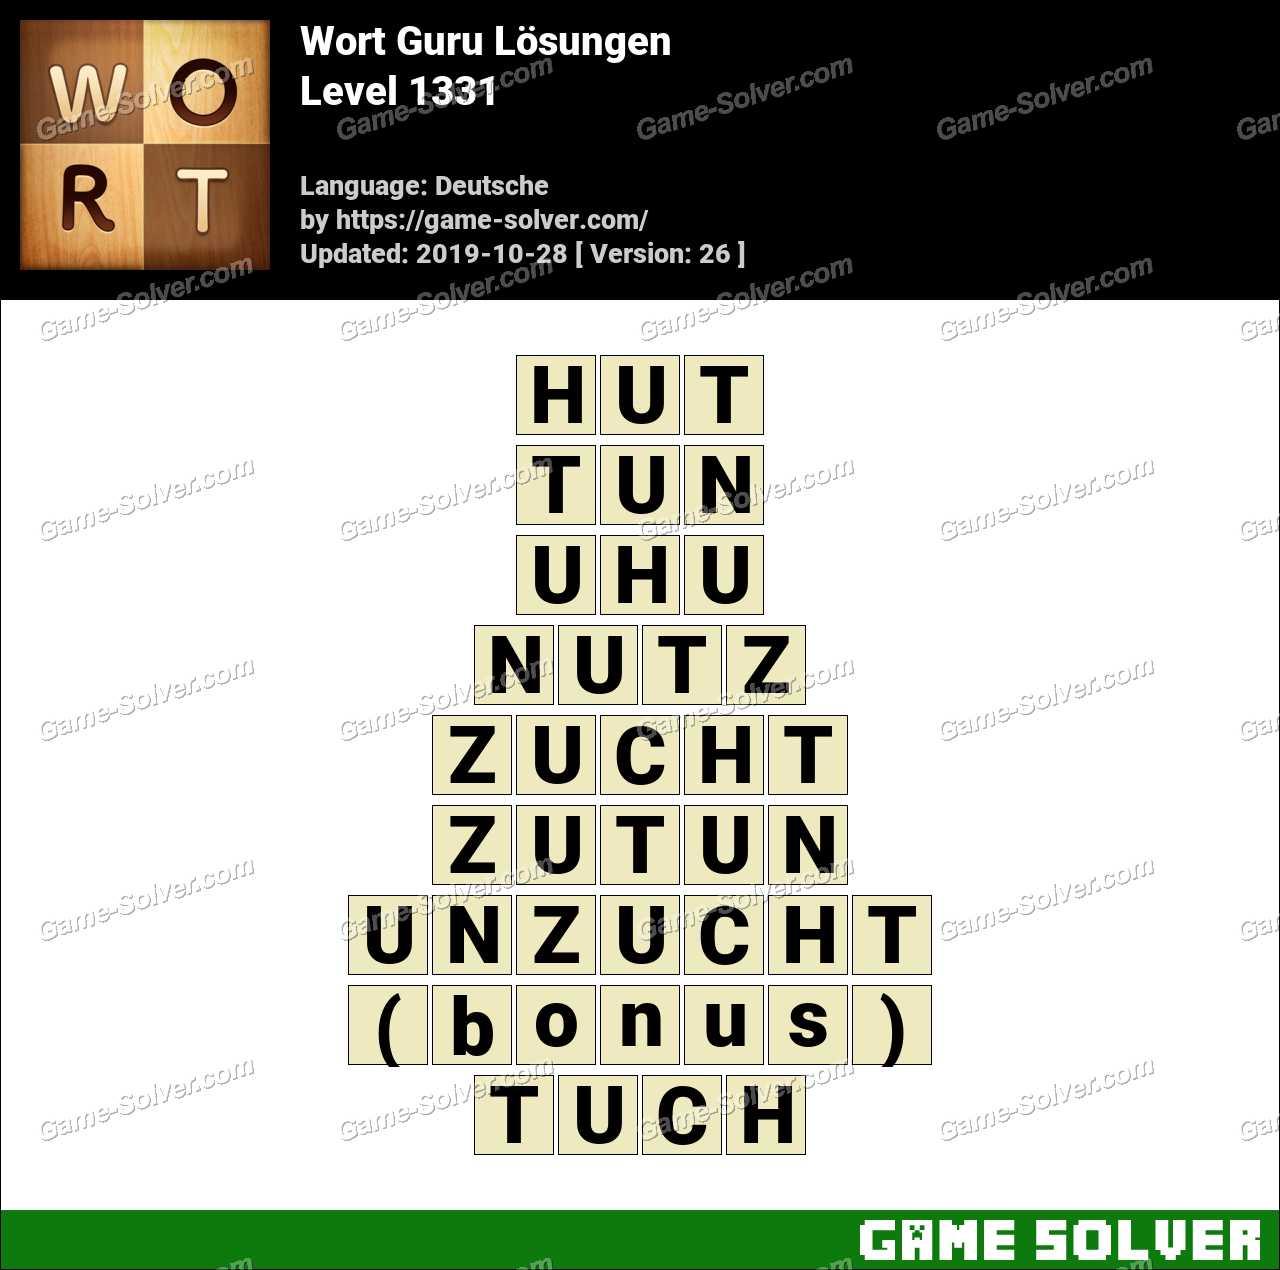 Wort Guru Level 1331 Lösungen